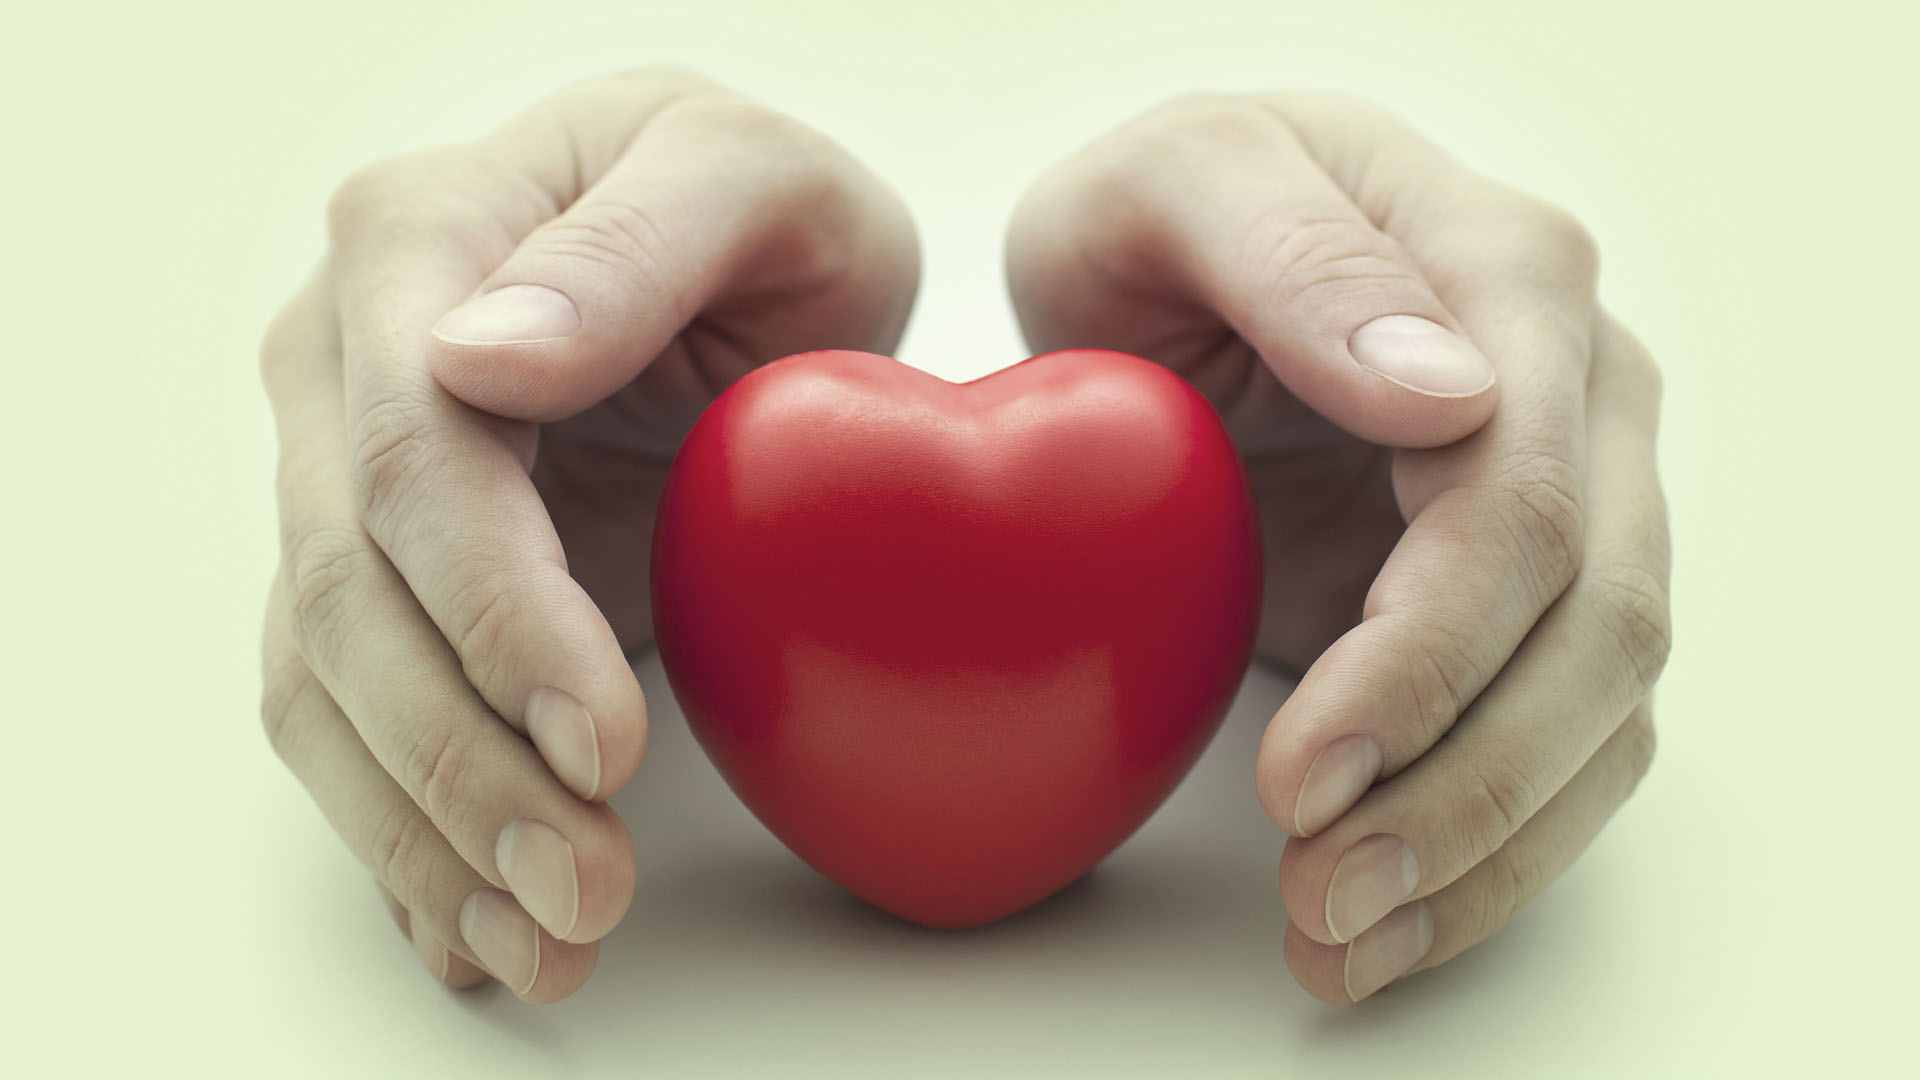 CardioScore